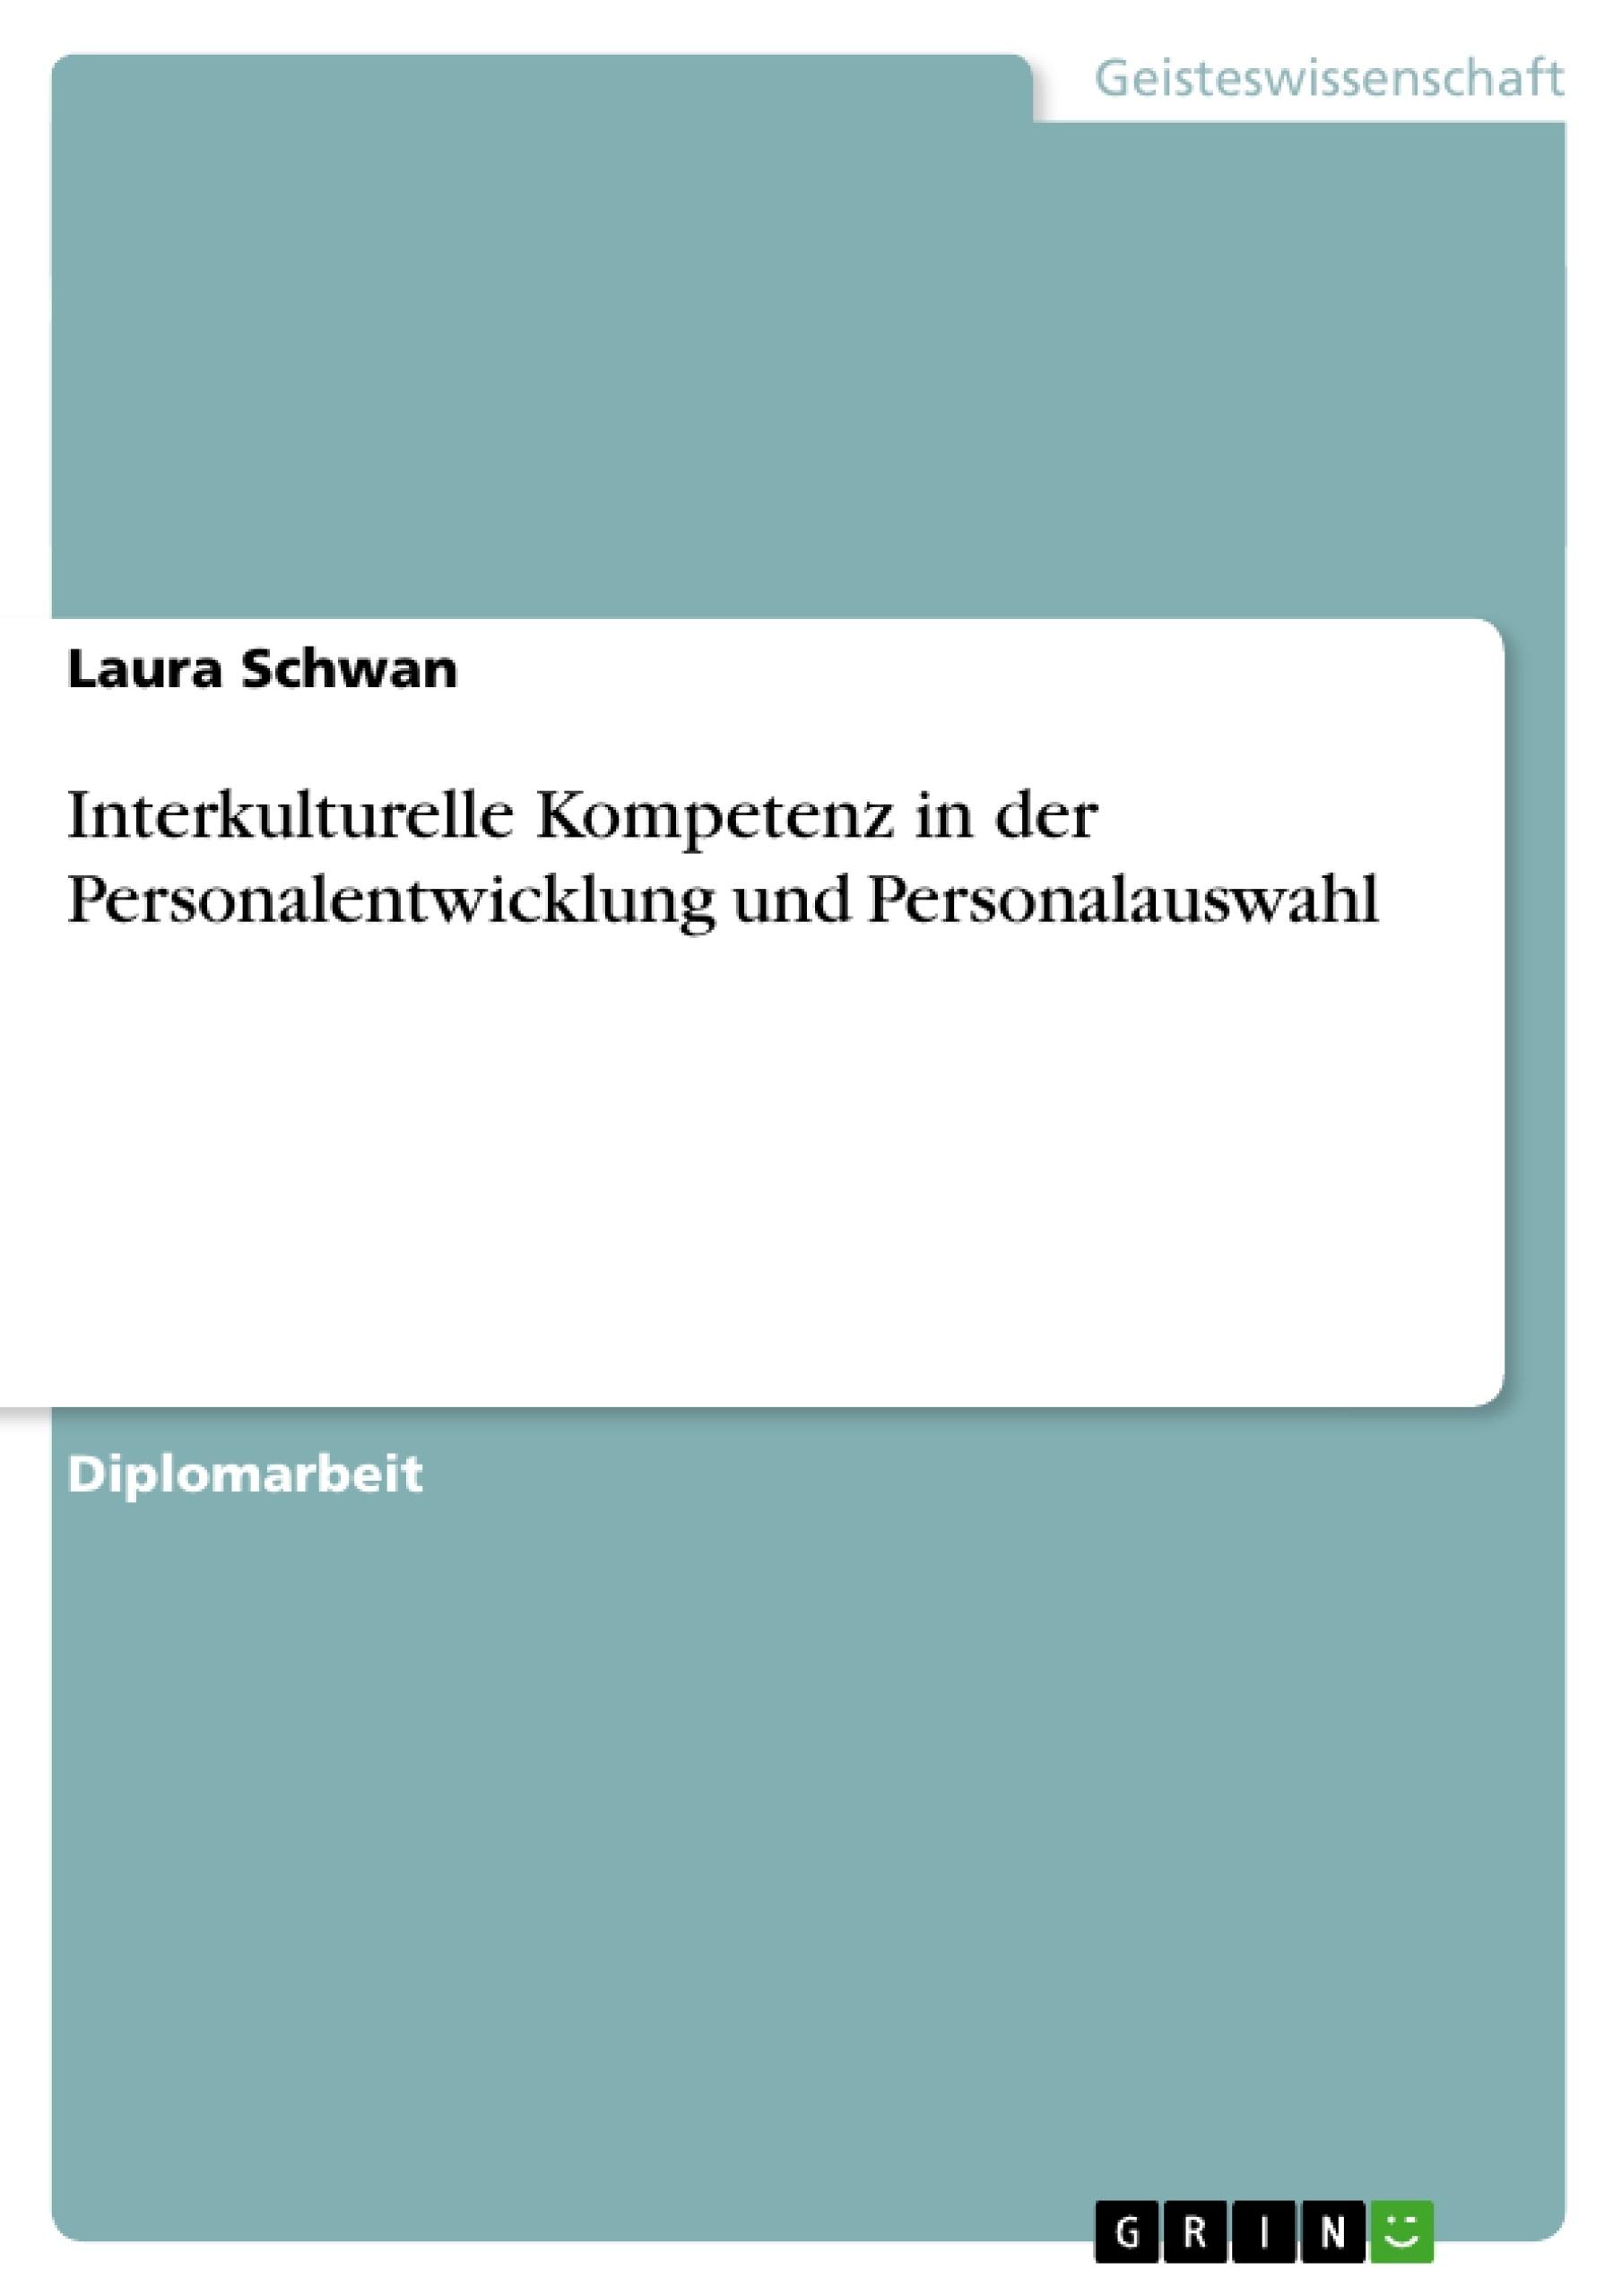 Titel: Interkulturelle Kompetenz in der Personalentwicklung und Personalauswahl